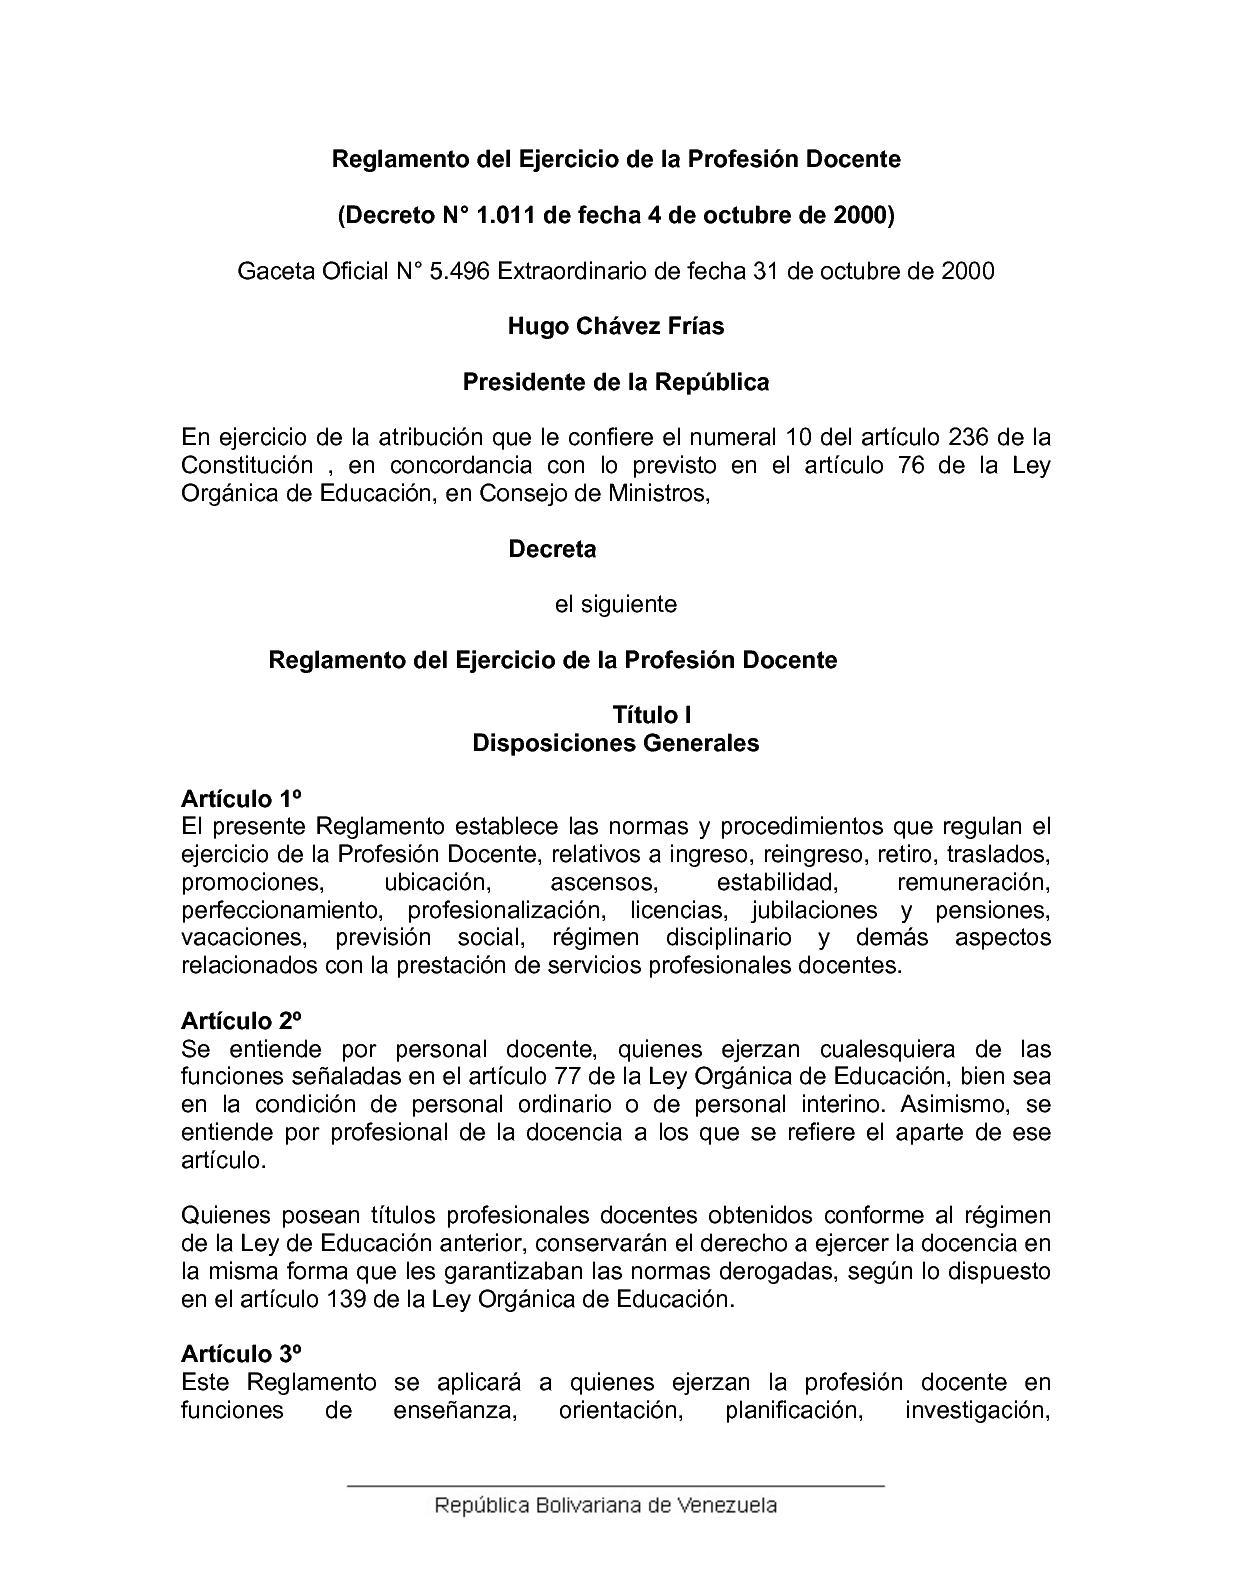 Hermosa Escribir Curriculum Vitae Para Servicios De Docentes Regalo ...